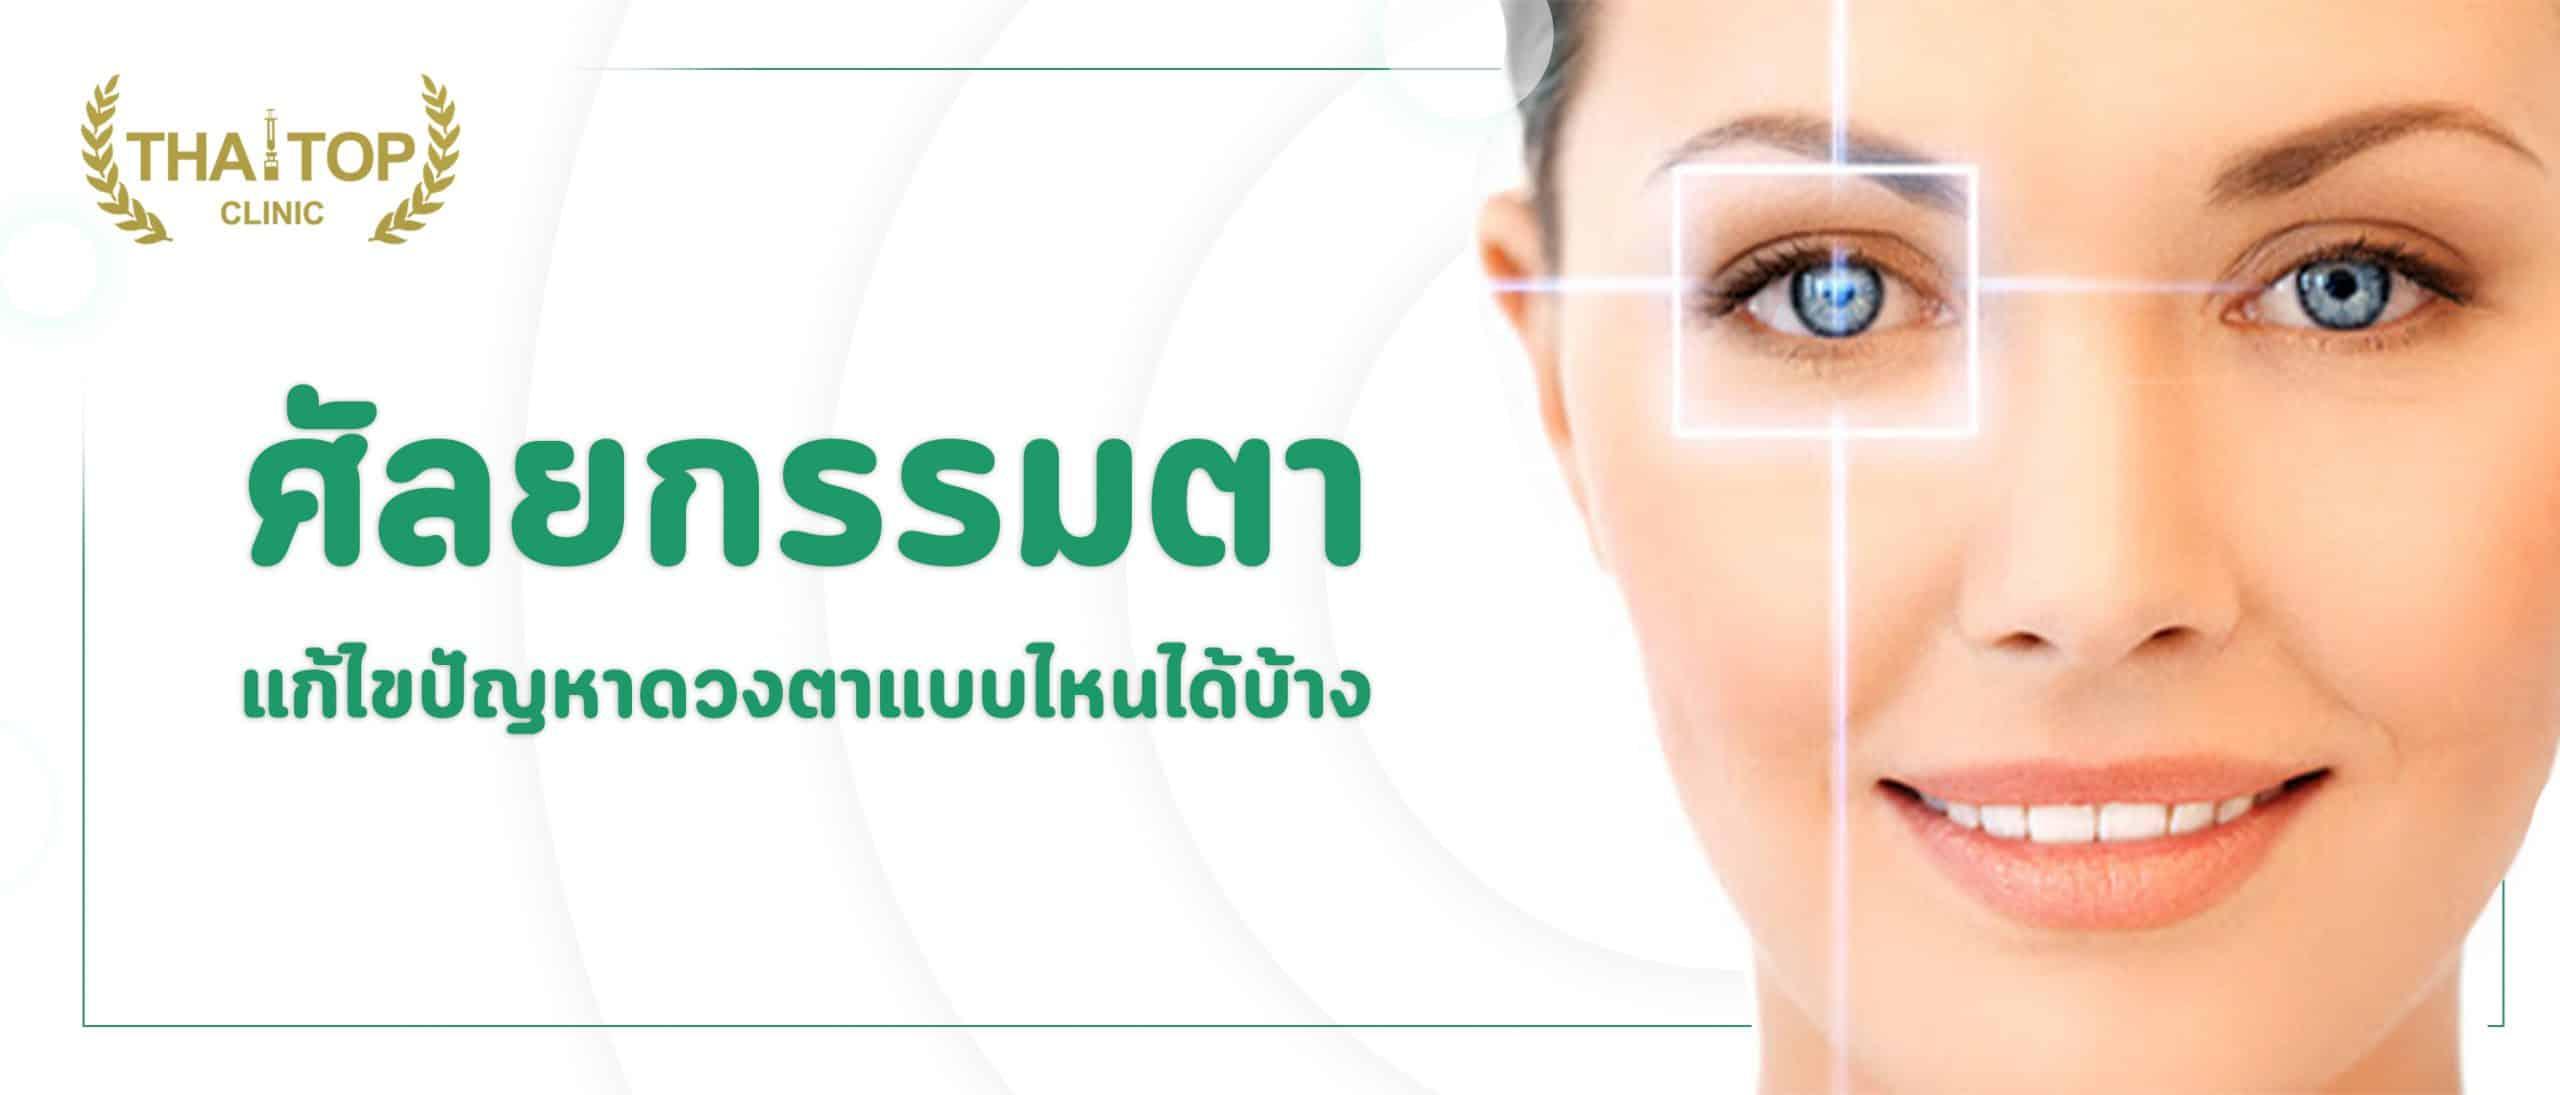 ศัลยกรรมตา แก้ไขปัญหาดวงตาแบบไหนได้บ้าง